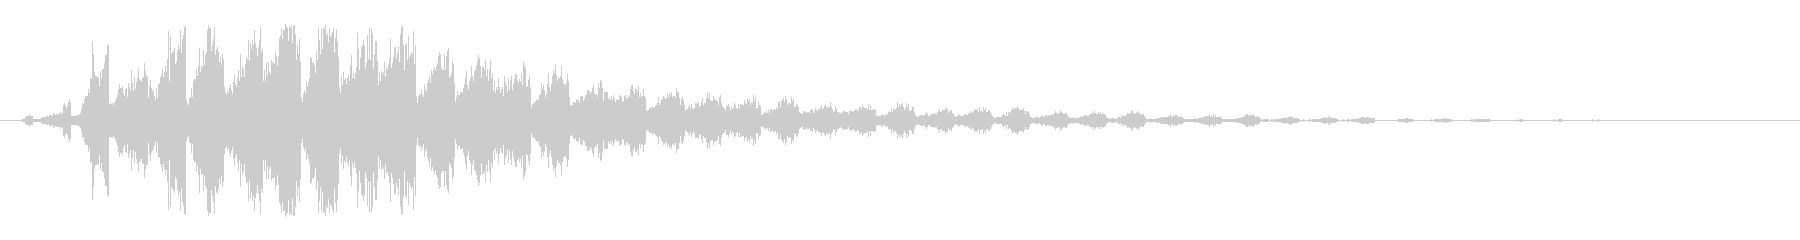 素材 スパッタ・ハーシュ・クロウ01の未再生の波形